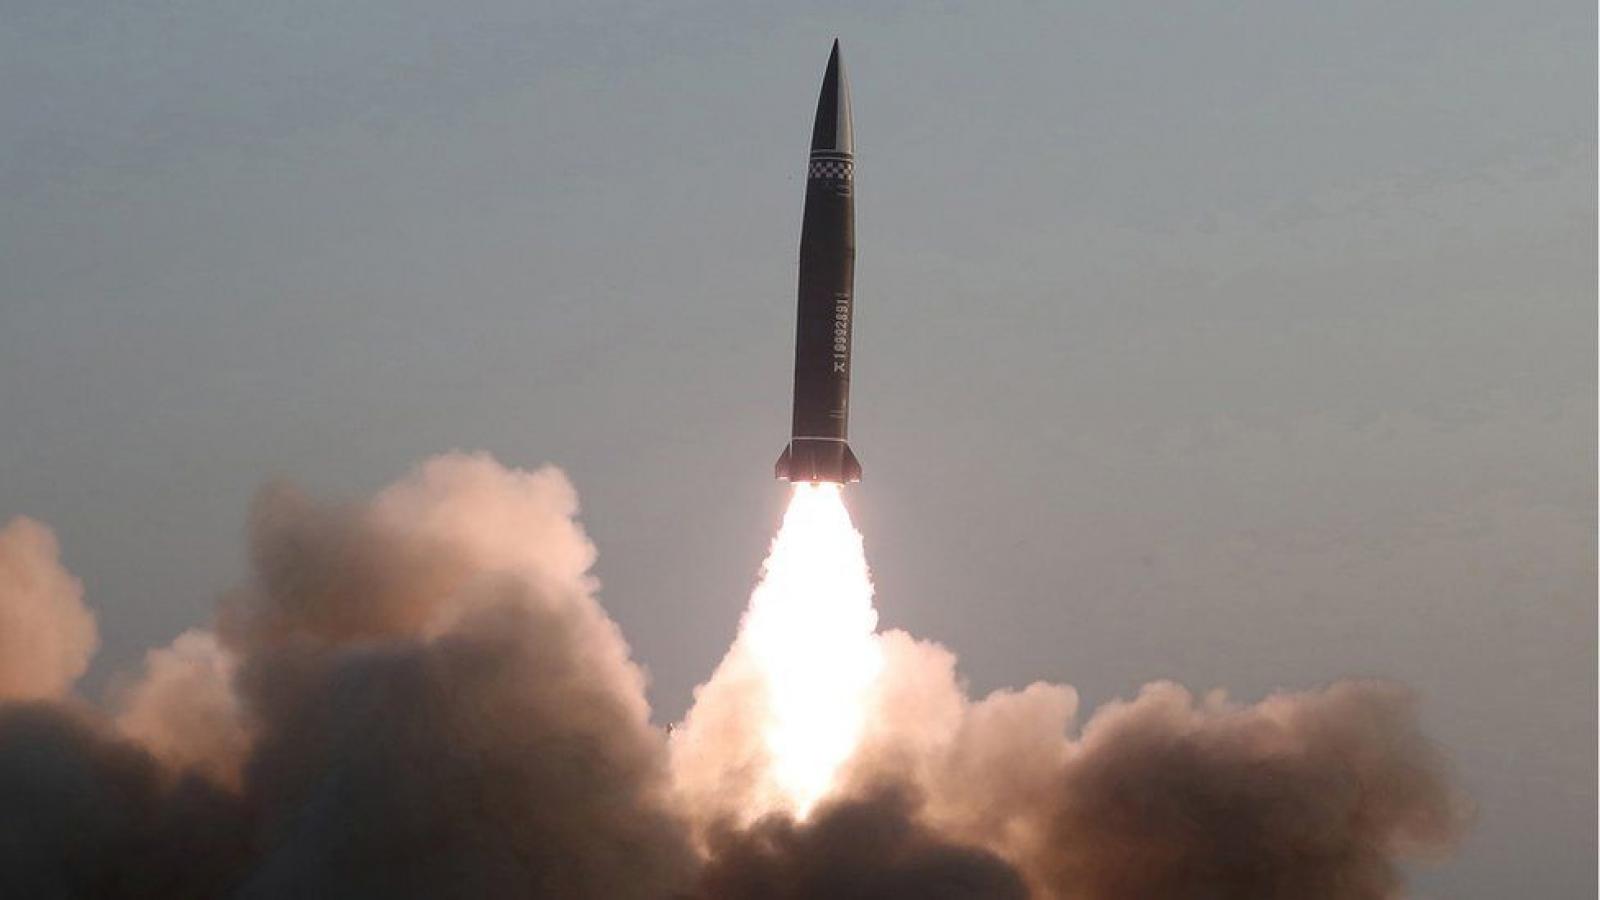 Mỹ theo đuổi chiến lược nào để răn đe chương trình tên lửa mới của Triều Tiên?